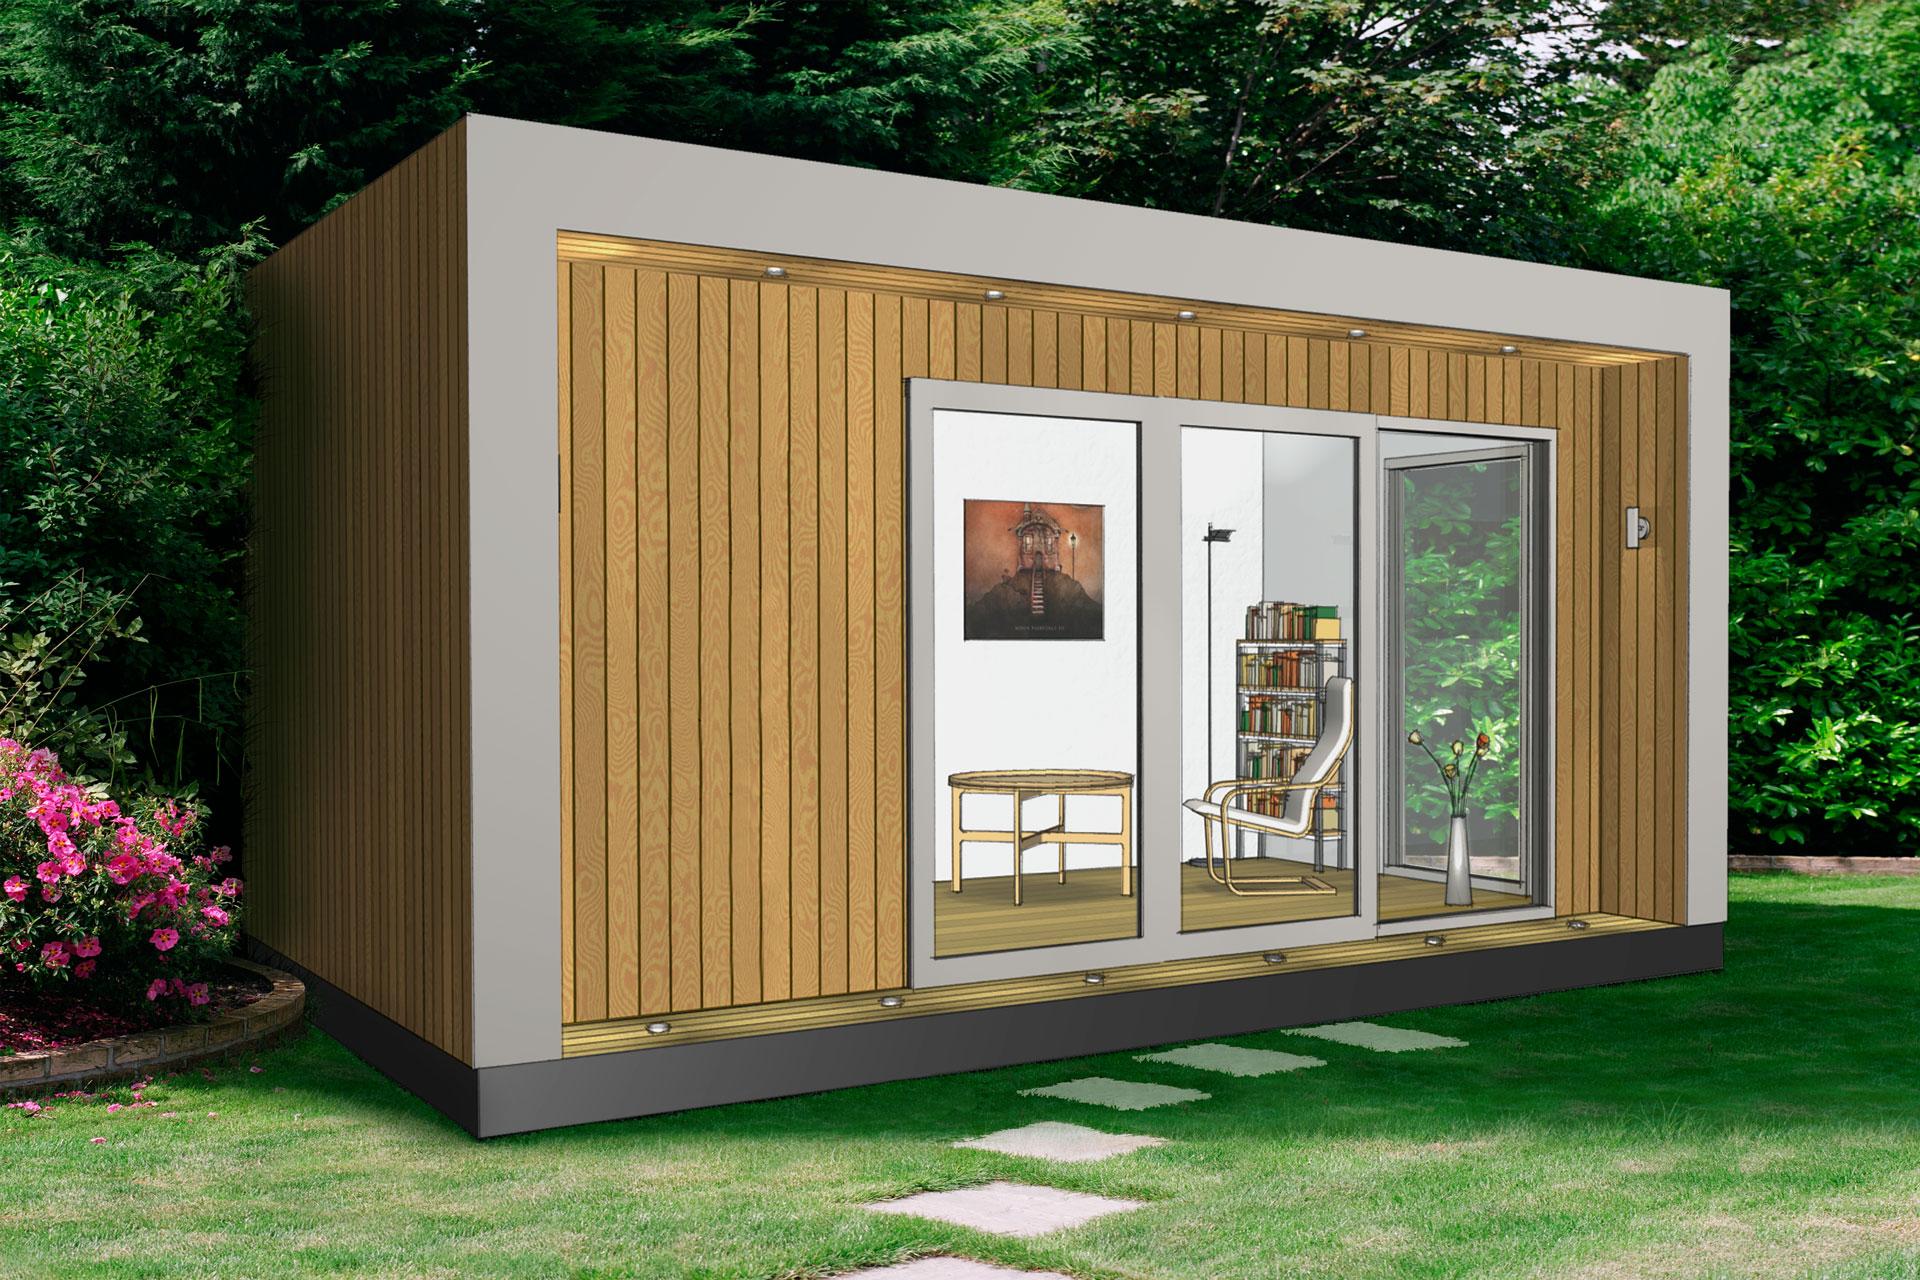 attic conversion room ideas - We do Garden fices Garden Studios Garden Rooms House